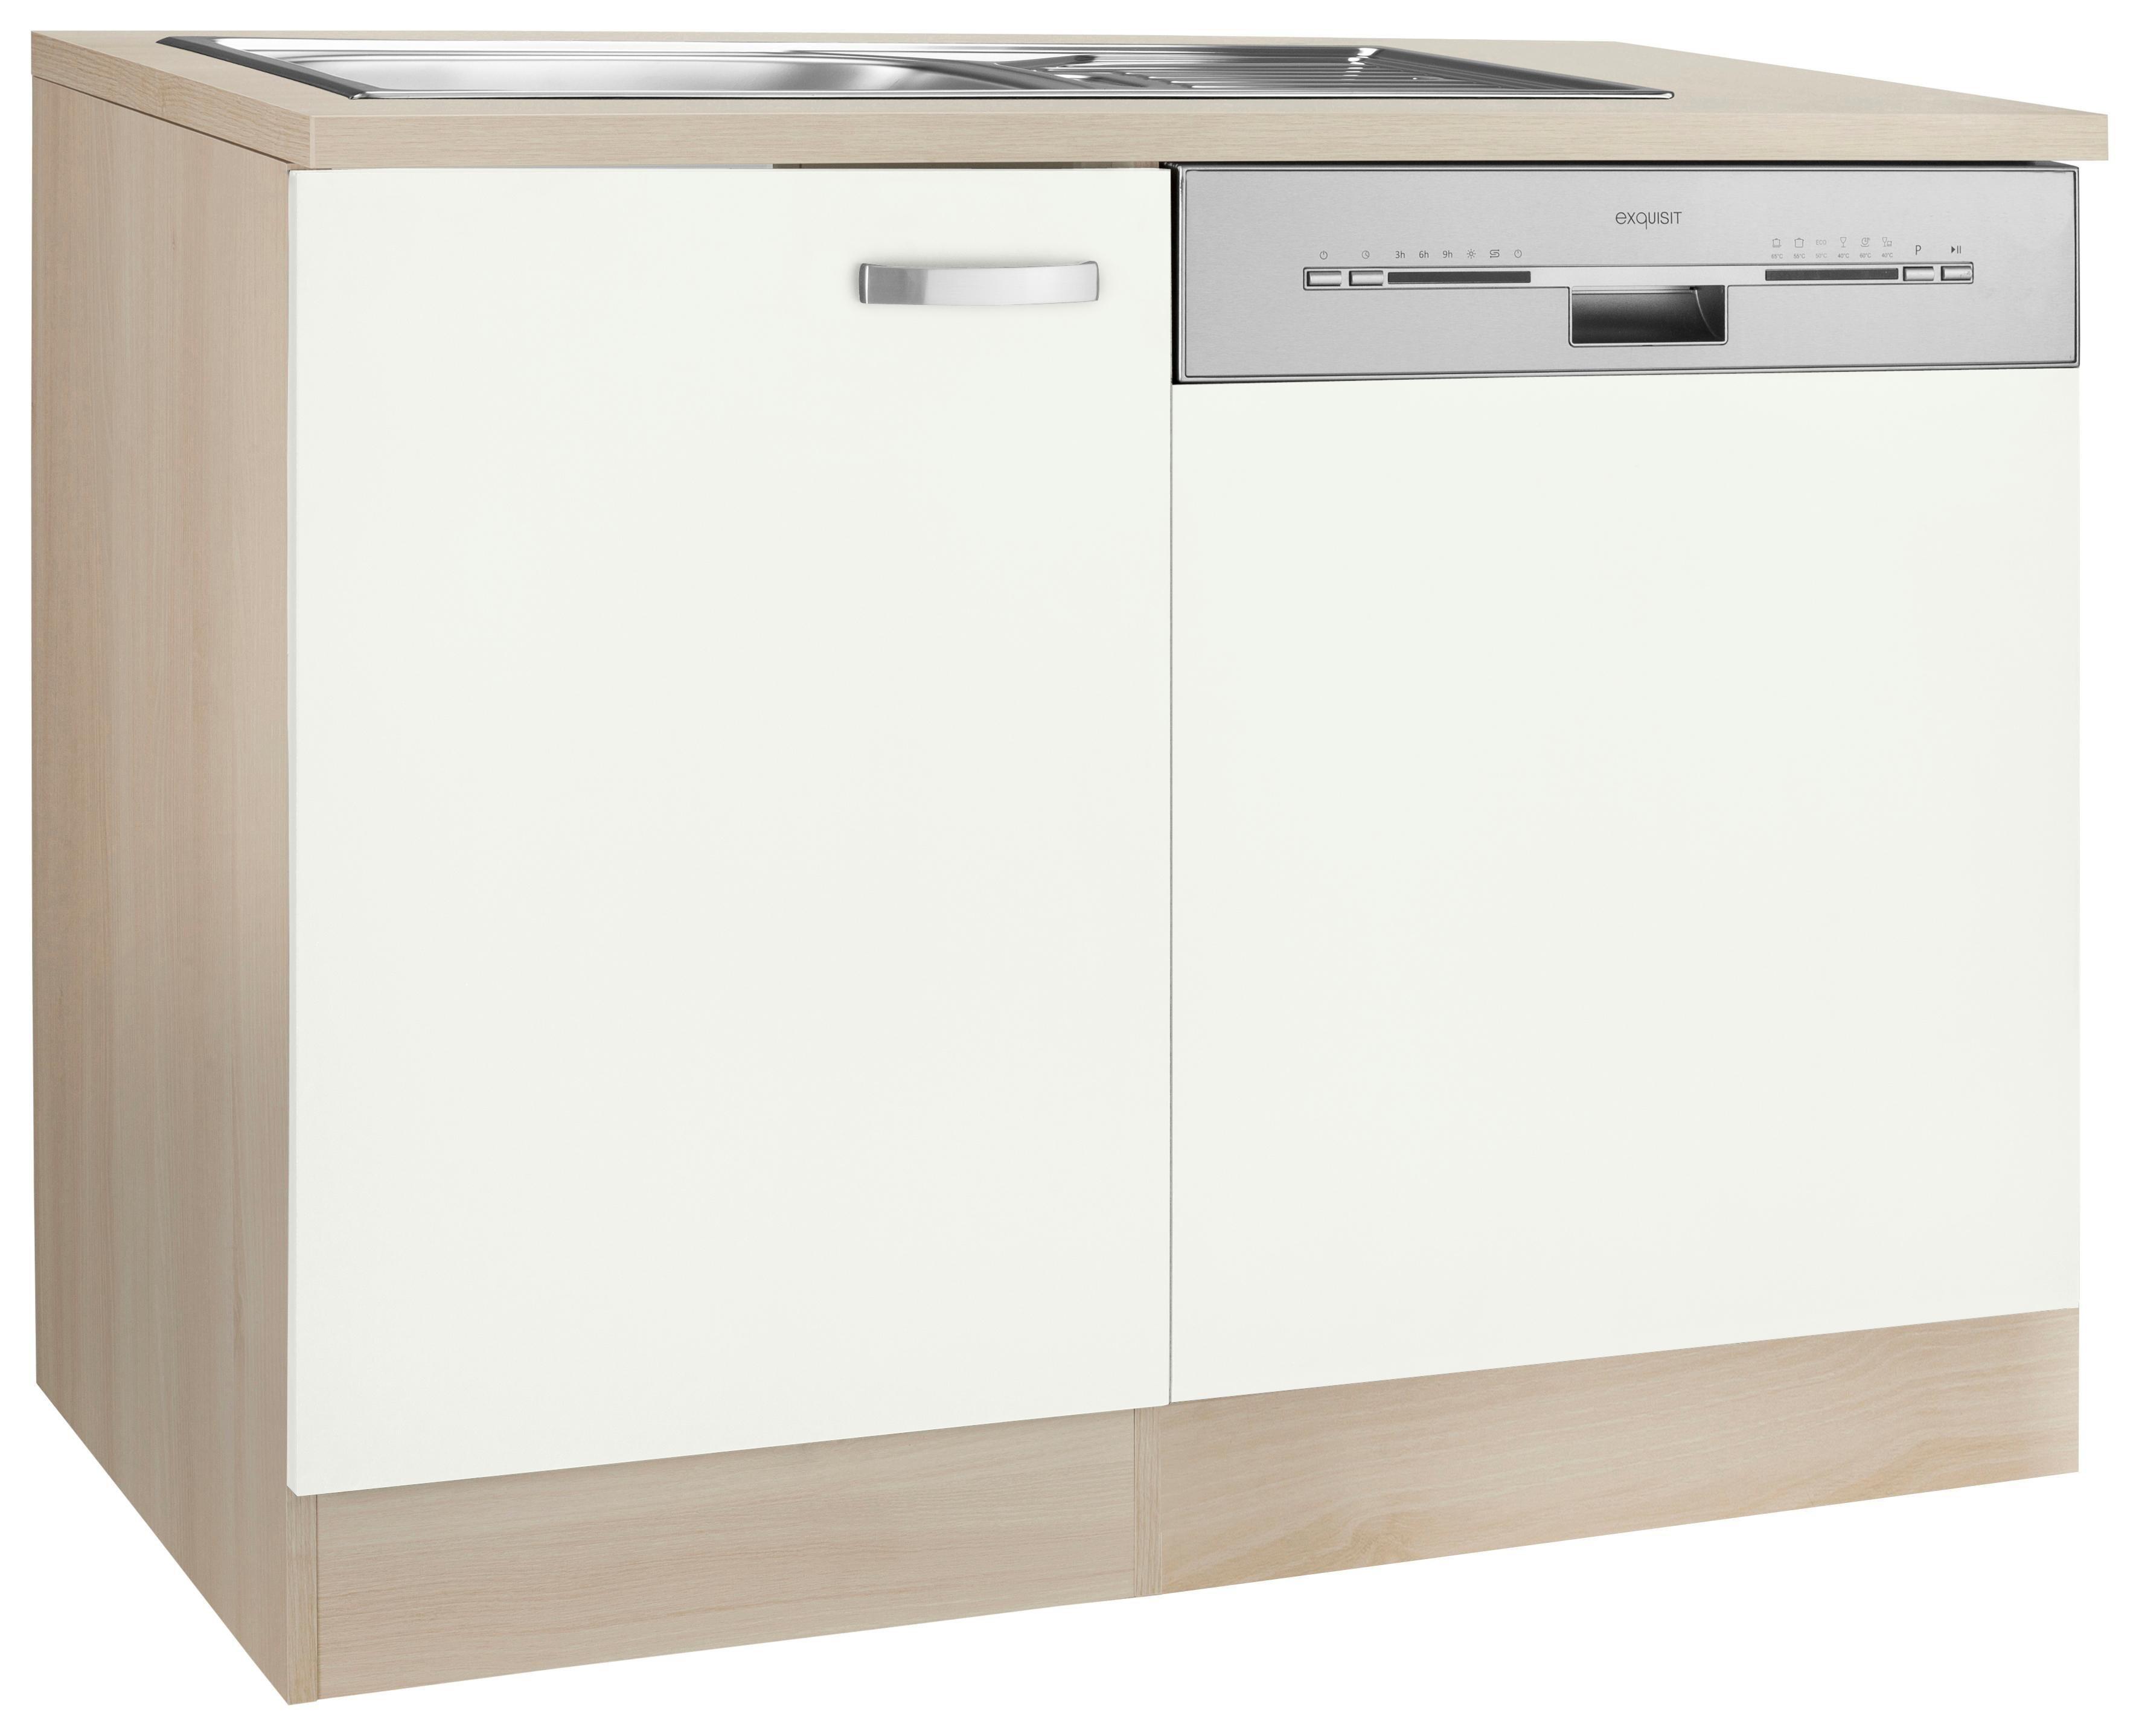 Optifit Spülenschränke online kaufen | Möbel-Suchmaschine ...